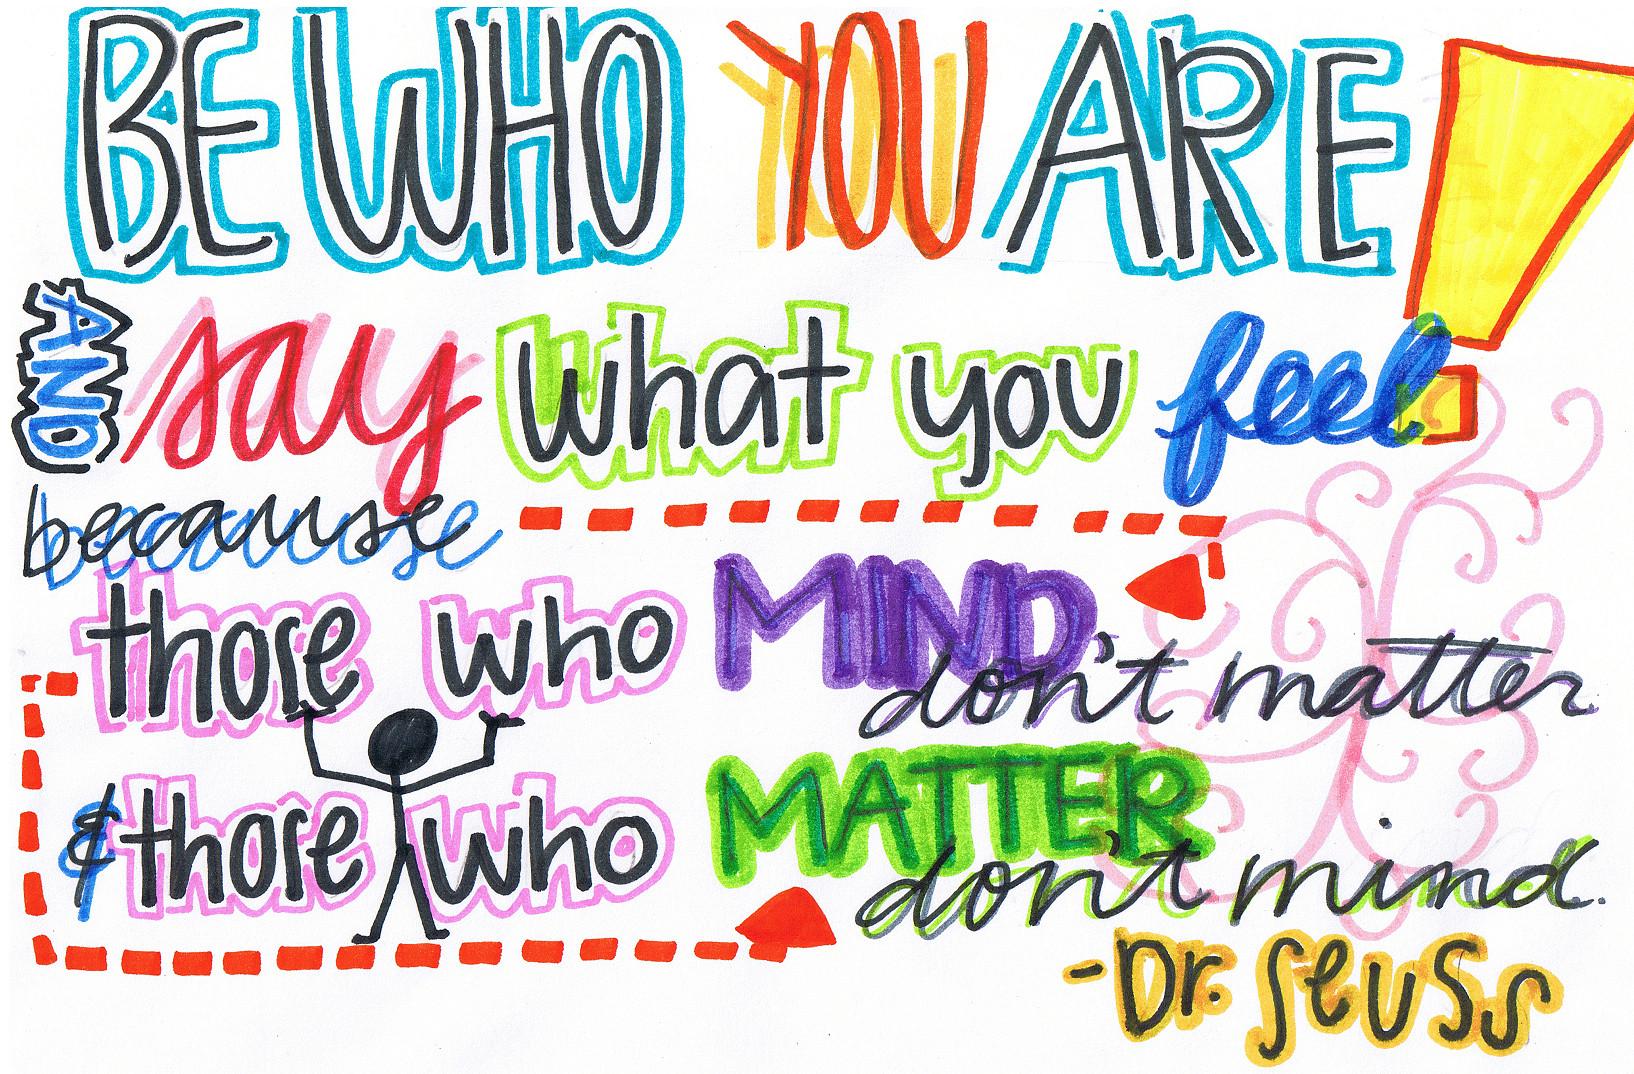 Dr. Seuss's quote #3